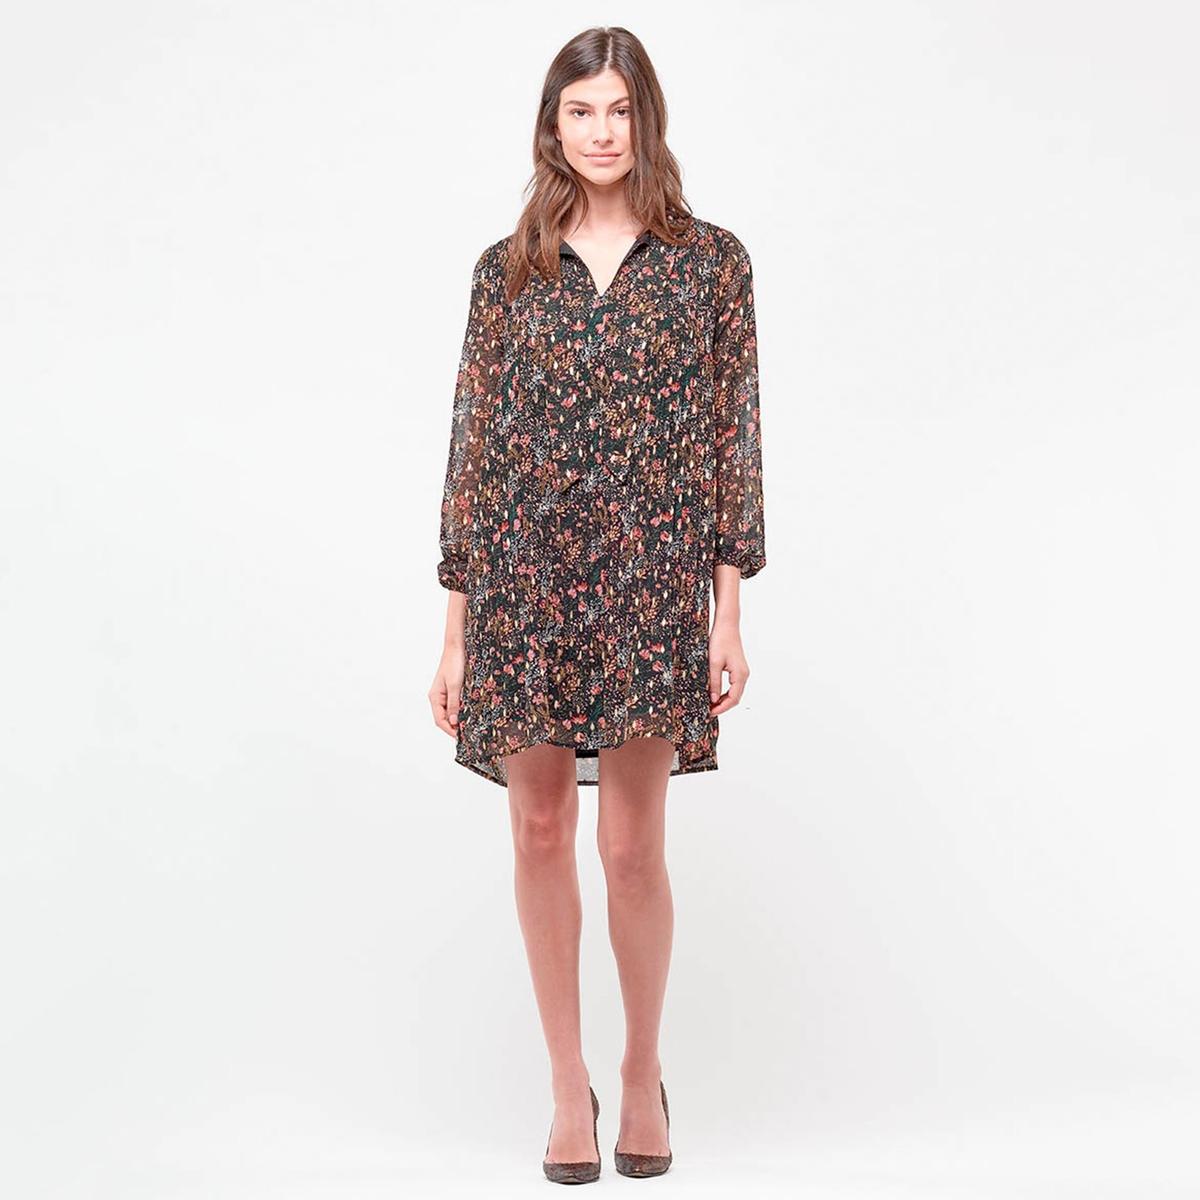 цена Платье La Redoute Прямое с V-образным вырезом и цветочным рисунком S черный онлайн в 2017 году